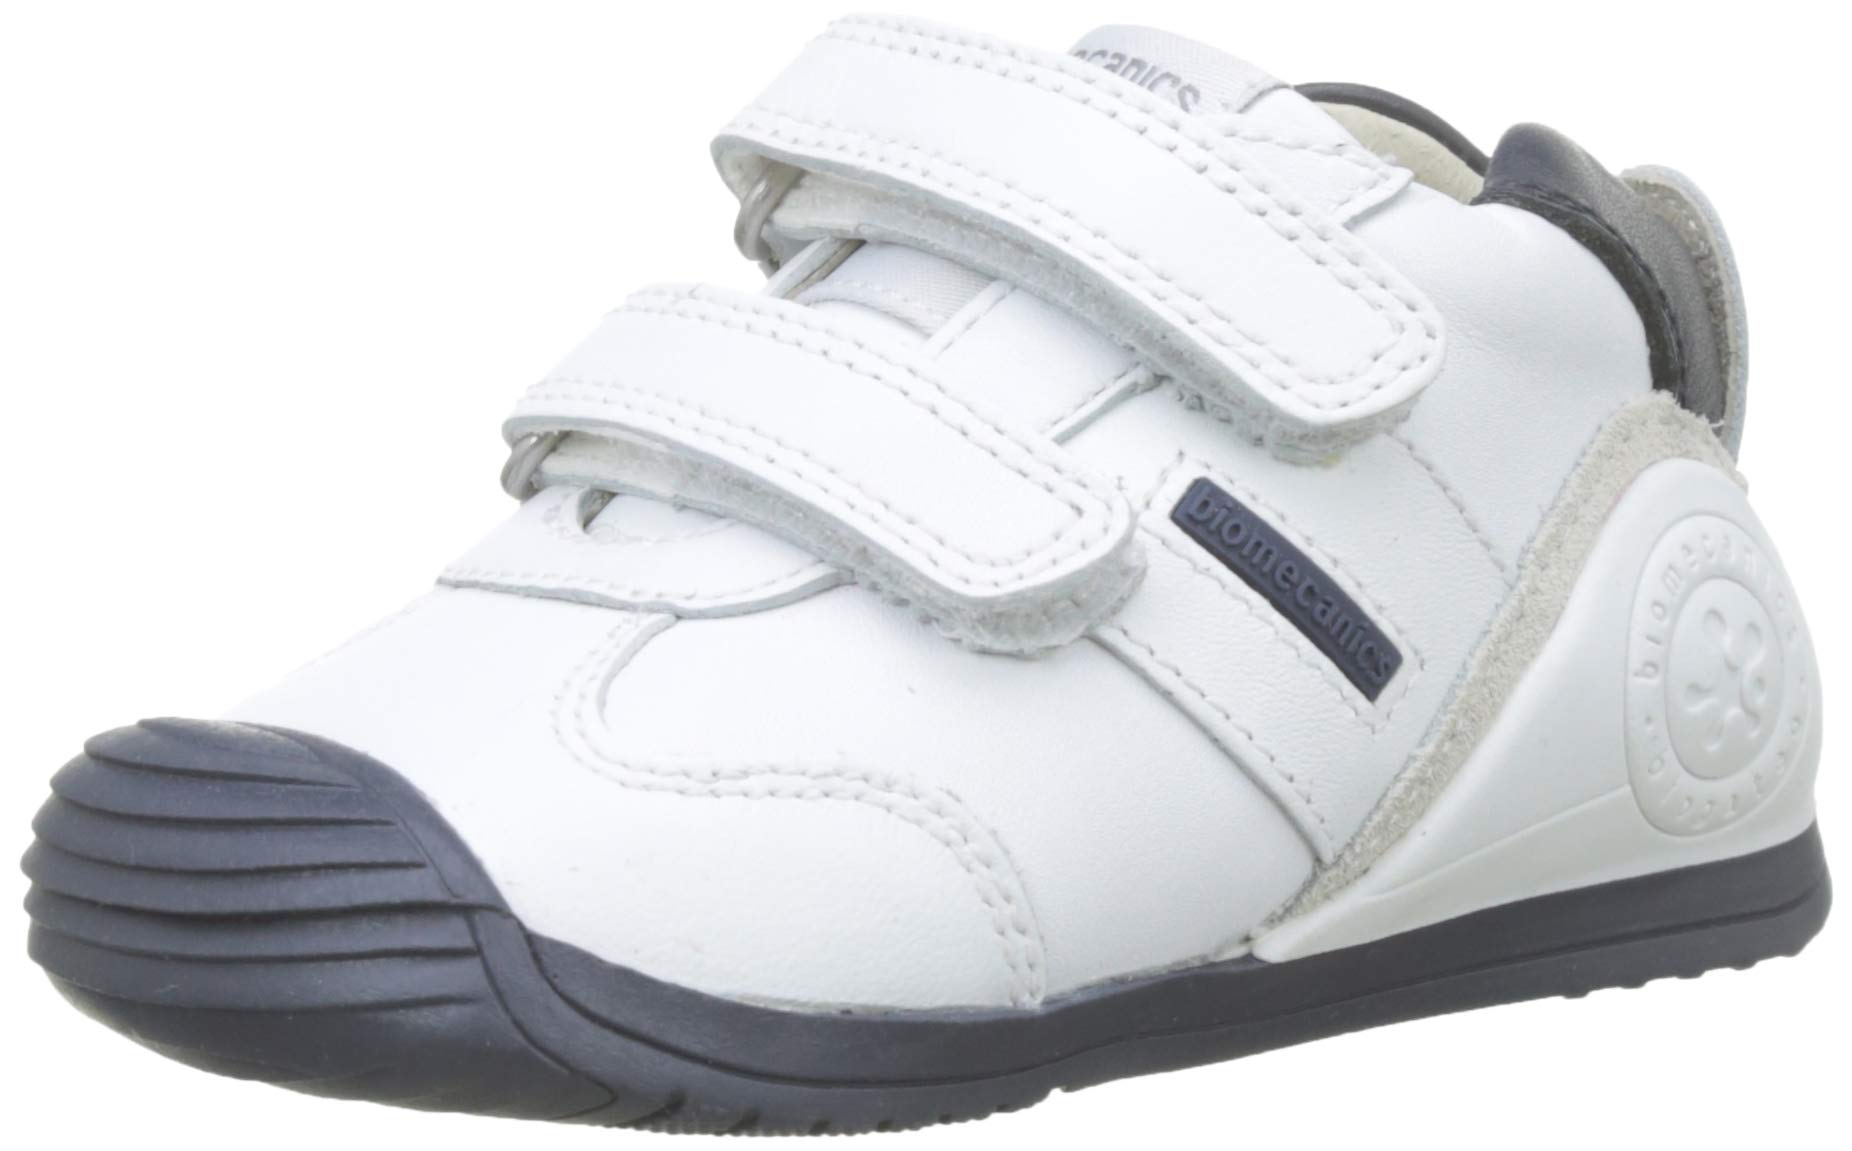 Niñosamp; En Mejor Valorados Zapatos Opiniones Útiles Para Nuestros De 35jAq4RL